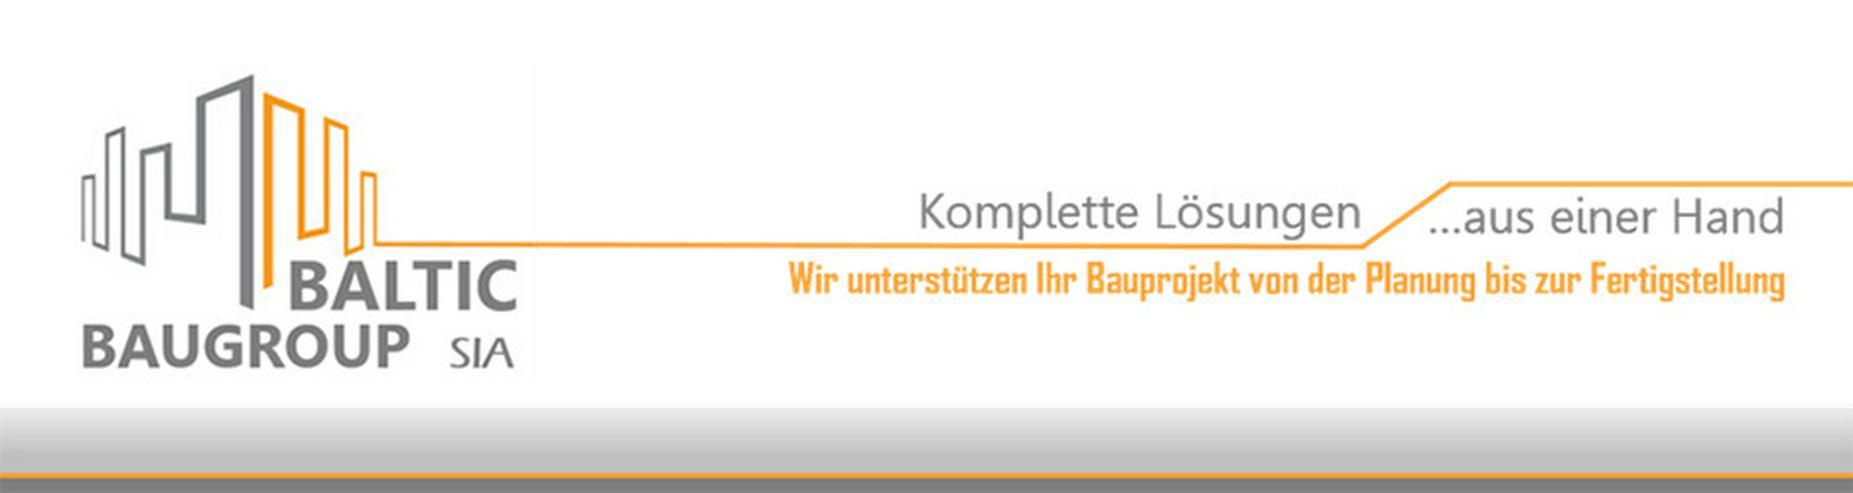 Bild 2: Balitc Baugroup - Baudienstleistungen und mehr